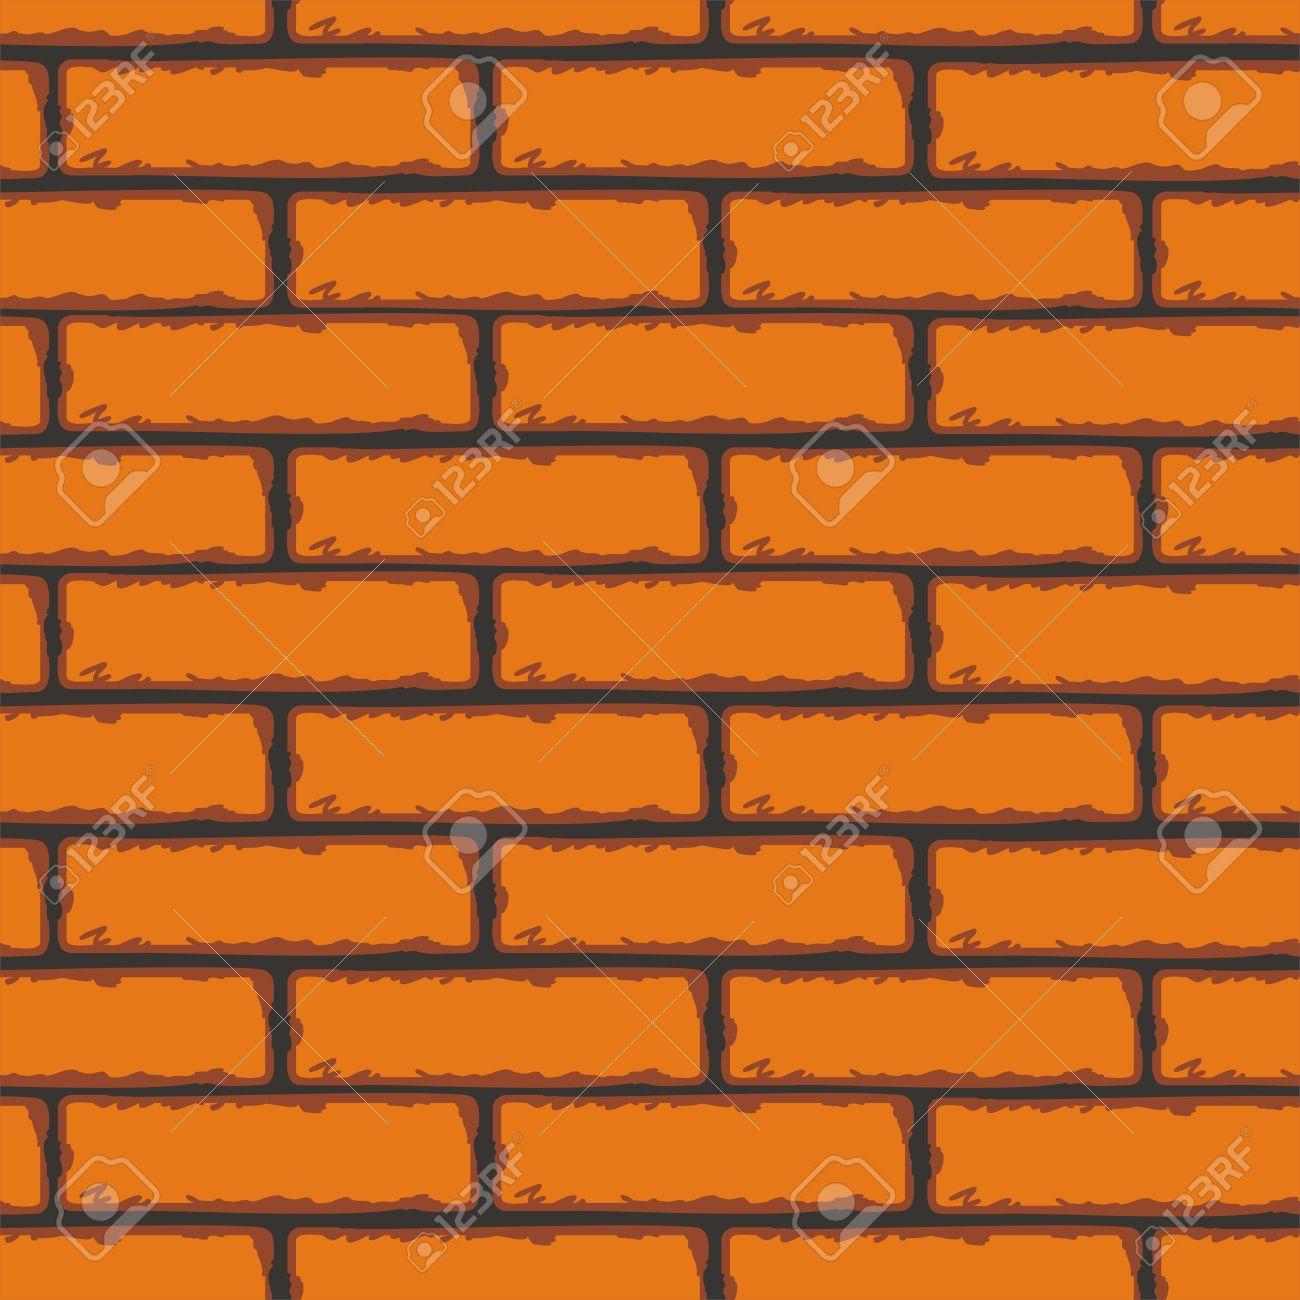 Seamless Patterns Of Brick Walls. Orange Brick Wall. Vector Clip.